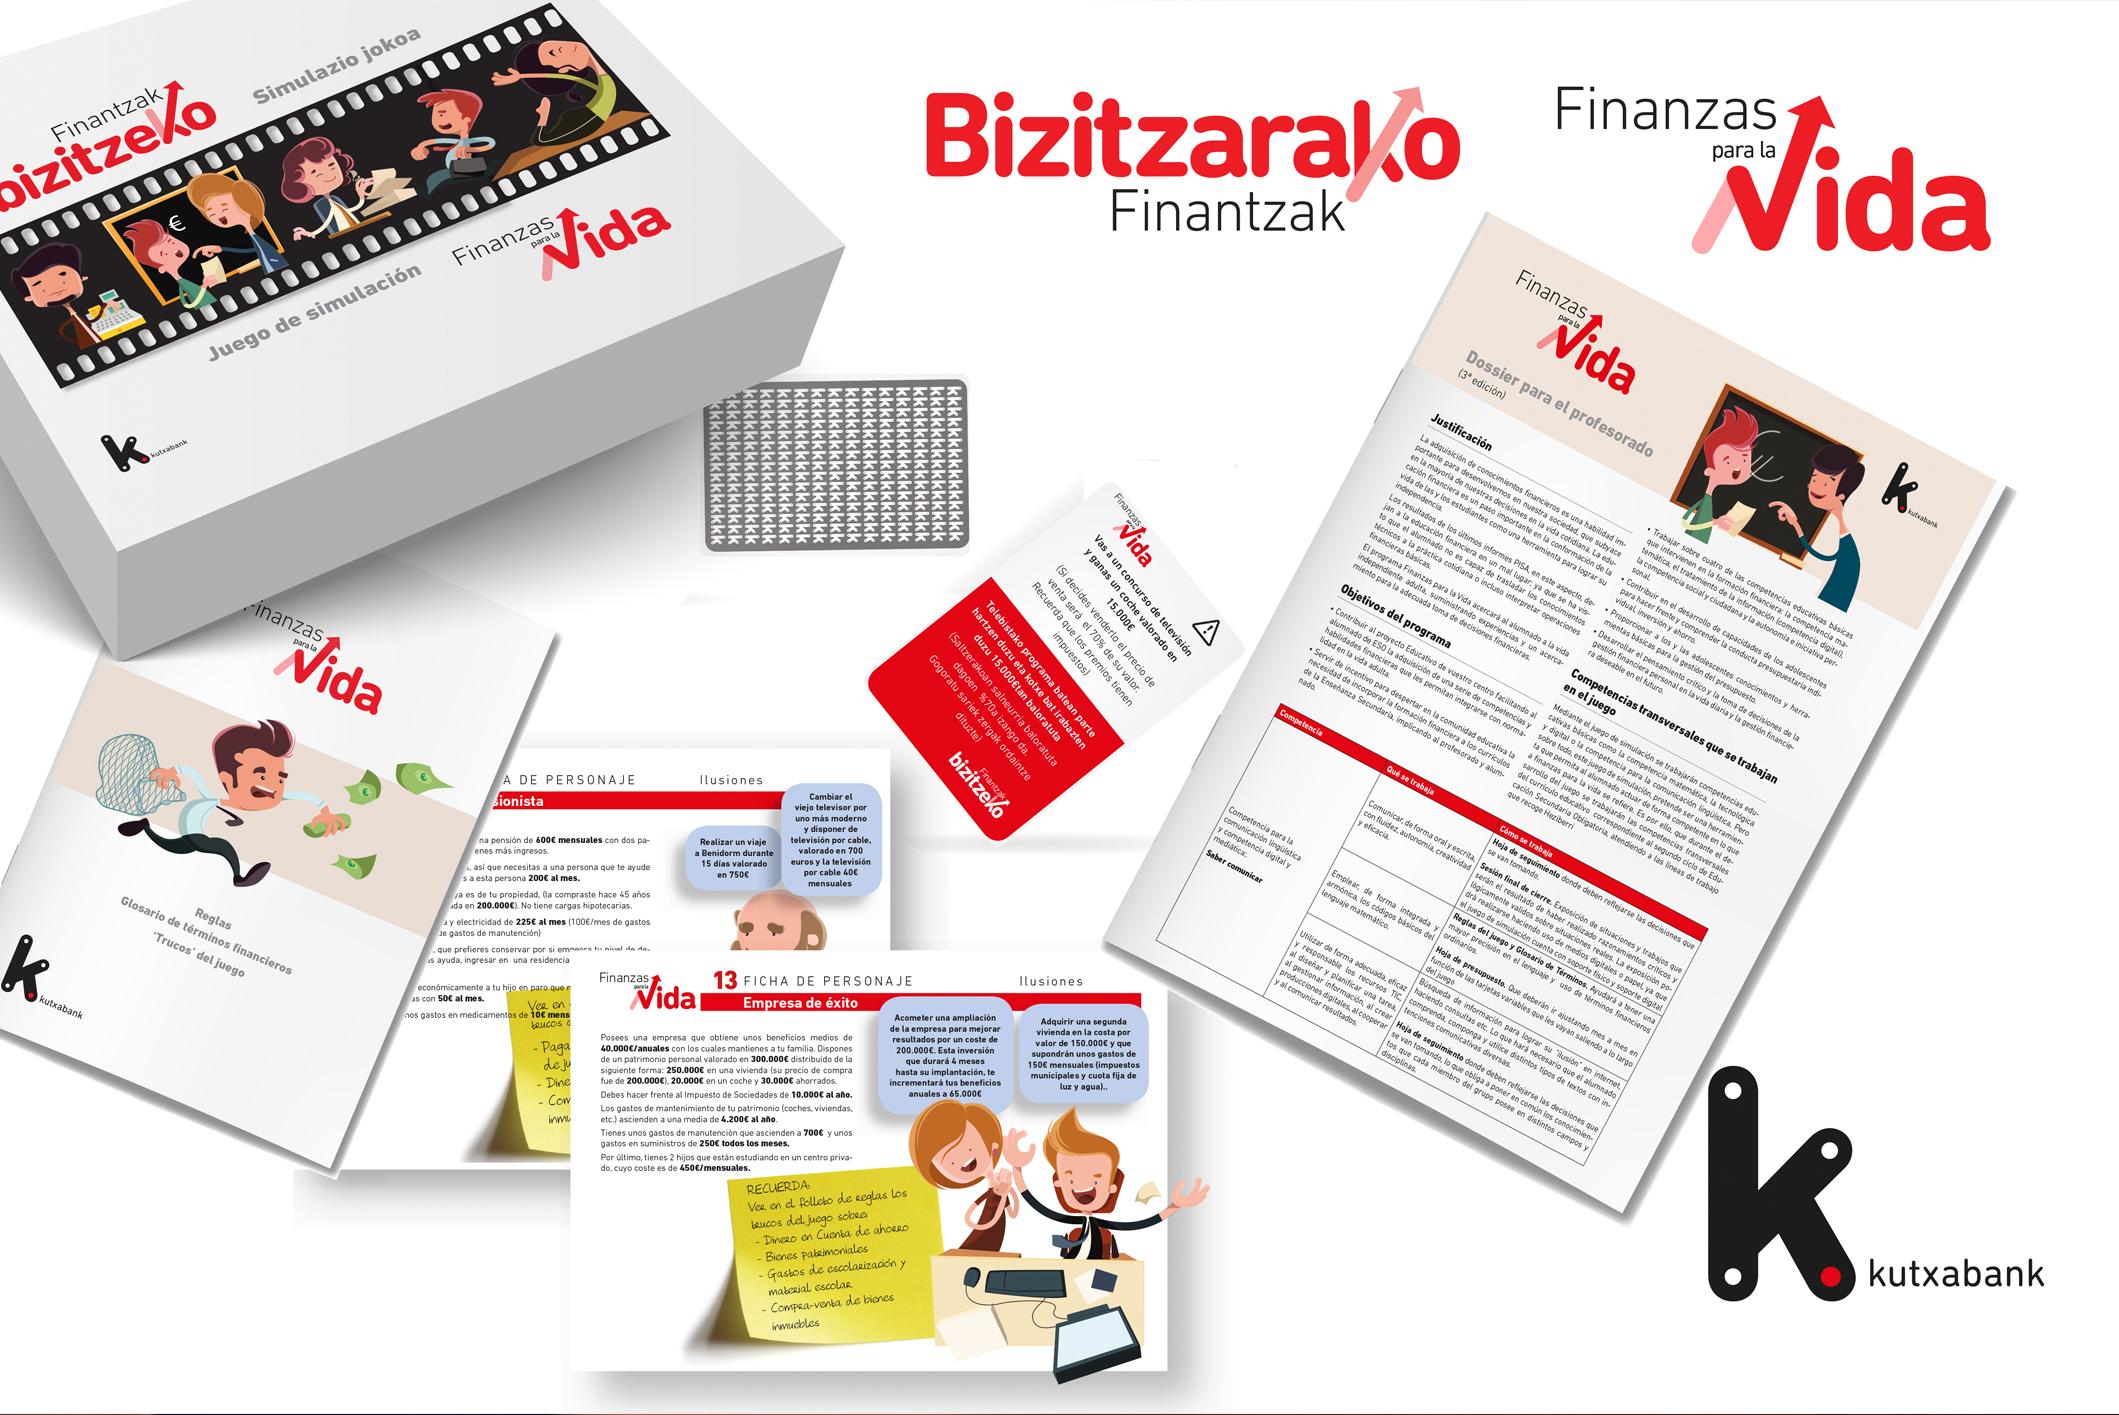 Kutxabank - Material didáctico para el programa escolar de educación financiera